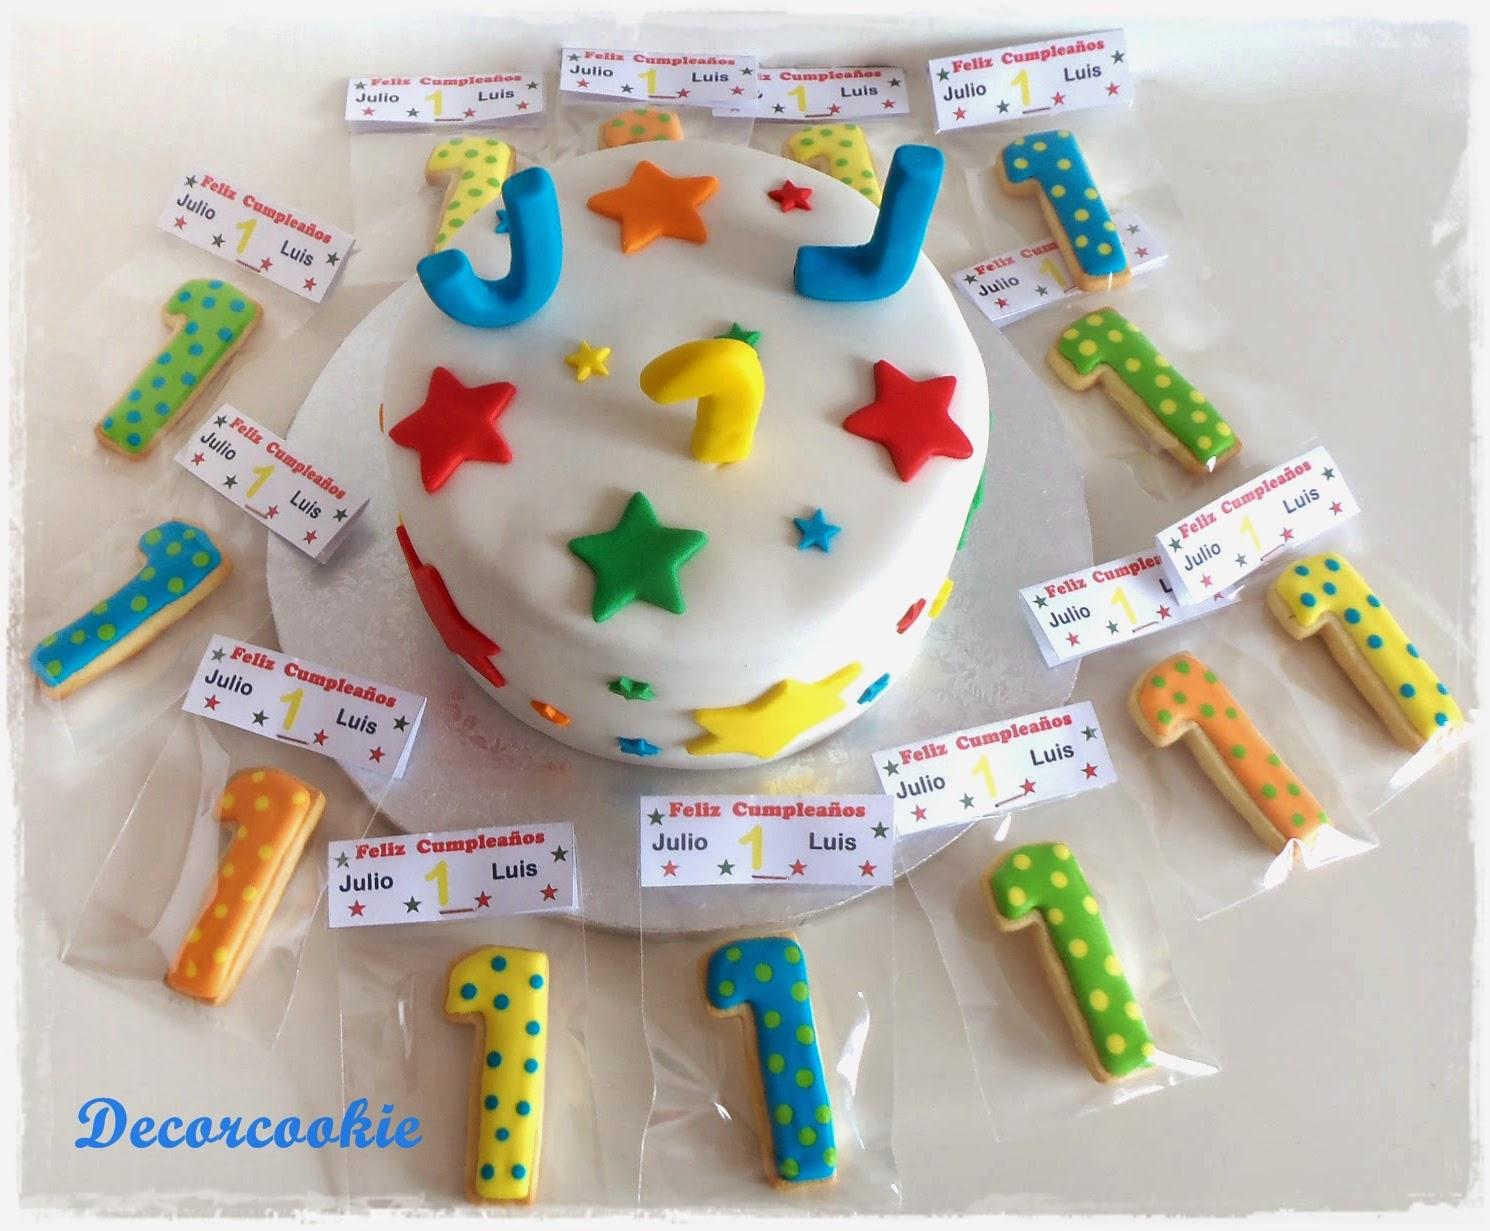 Galletas Decoradas Decorcookie Tarta Y Galletas Para Un